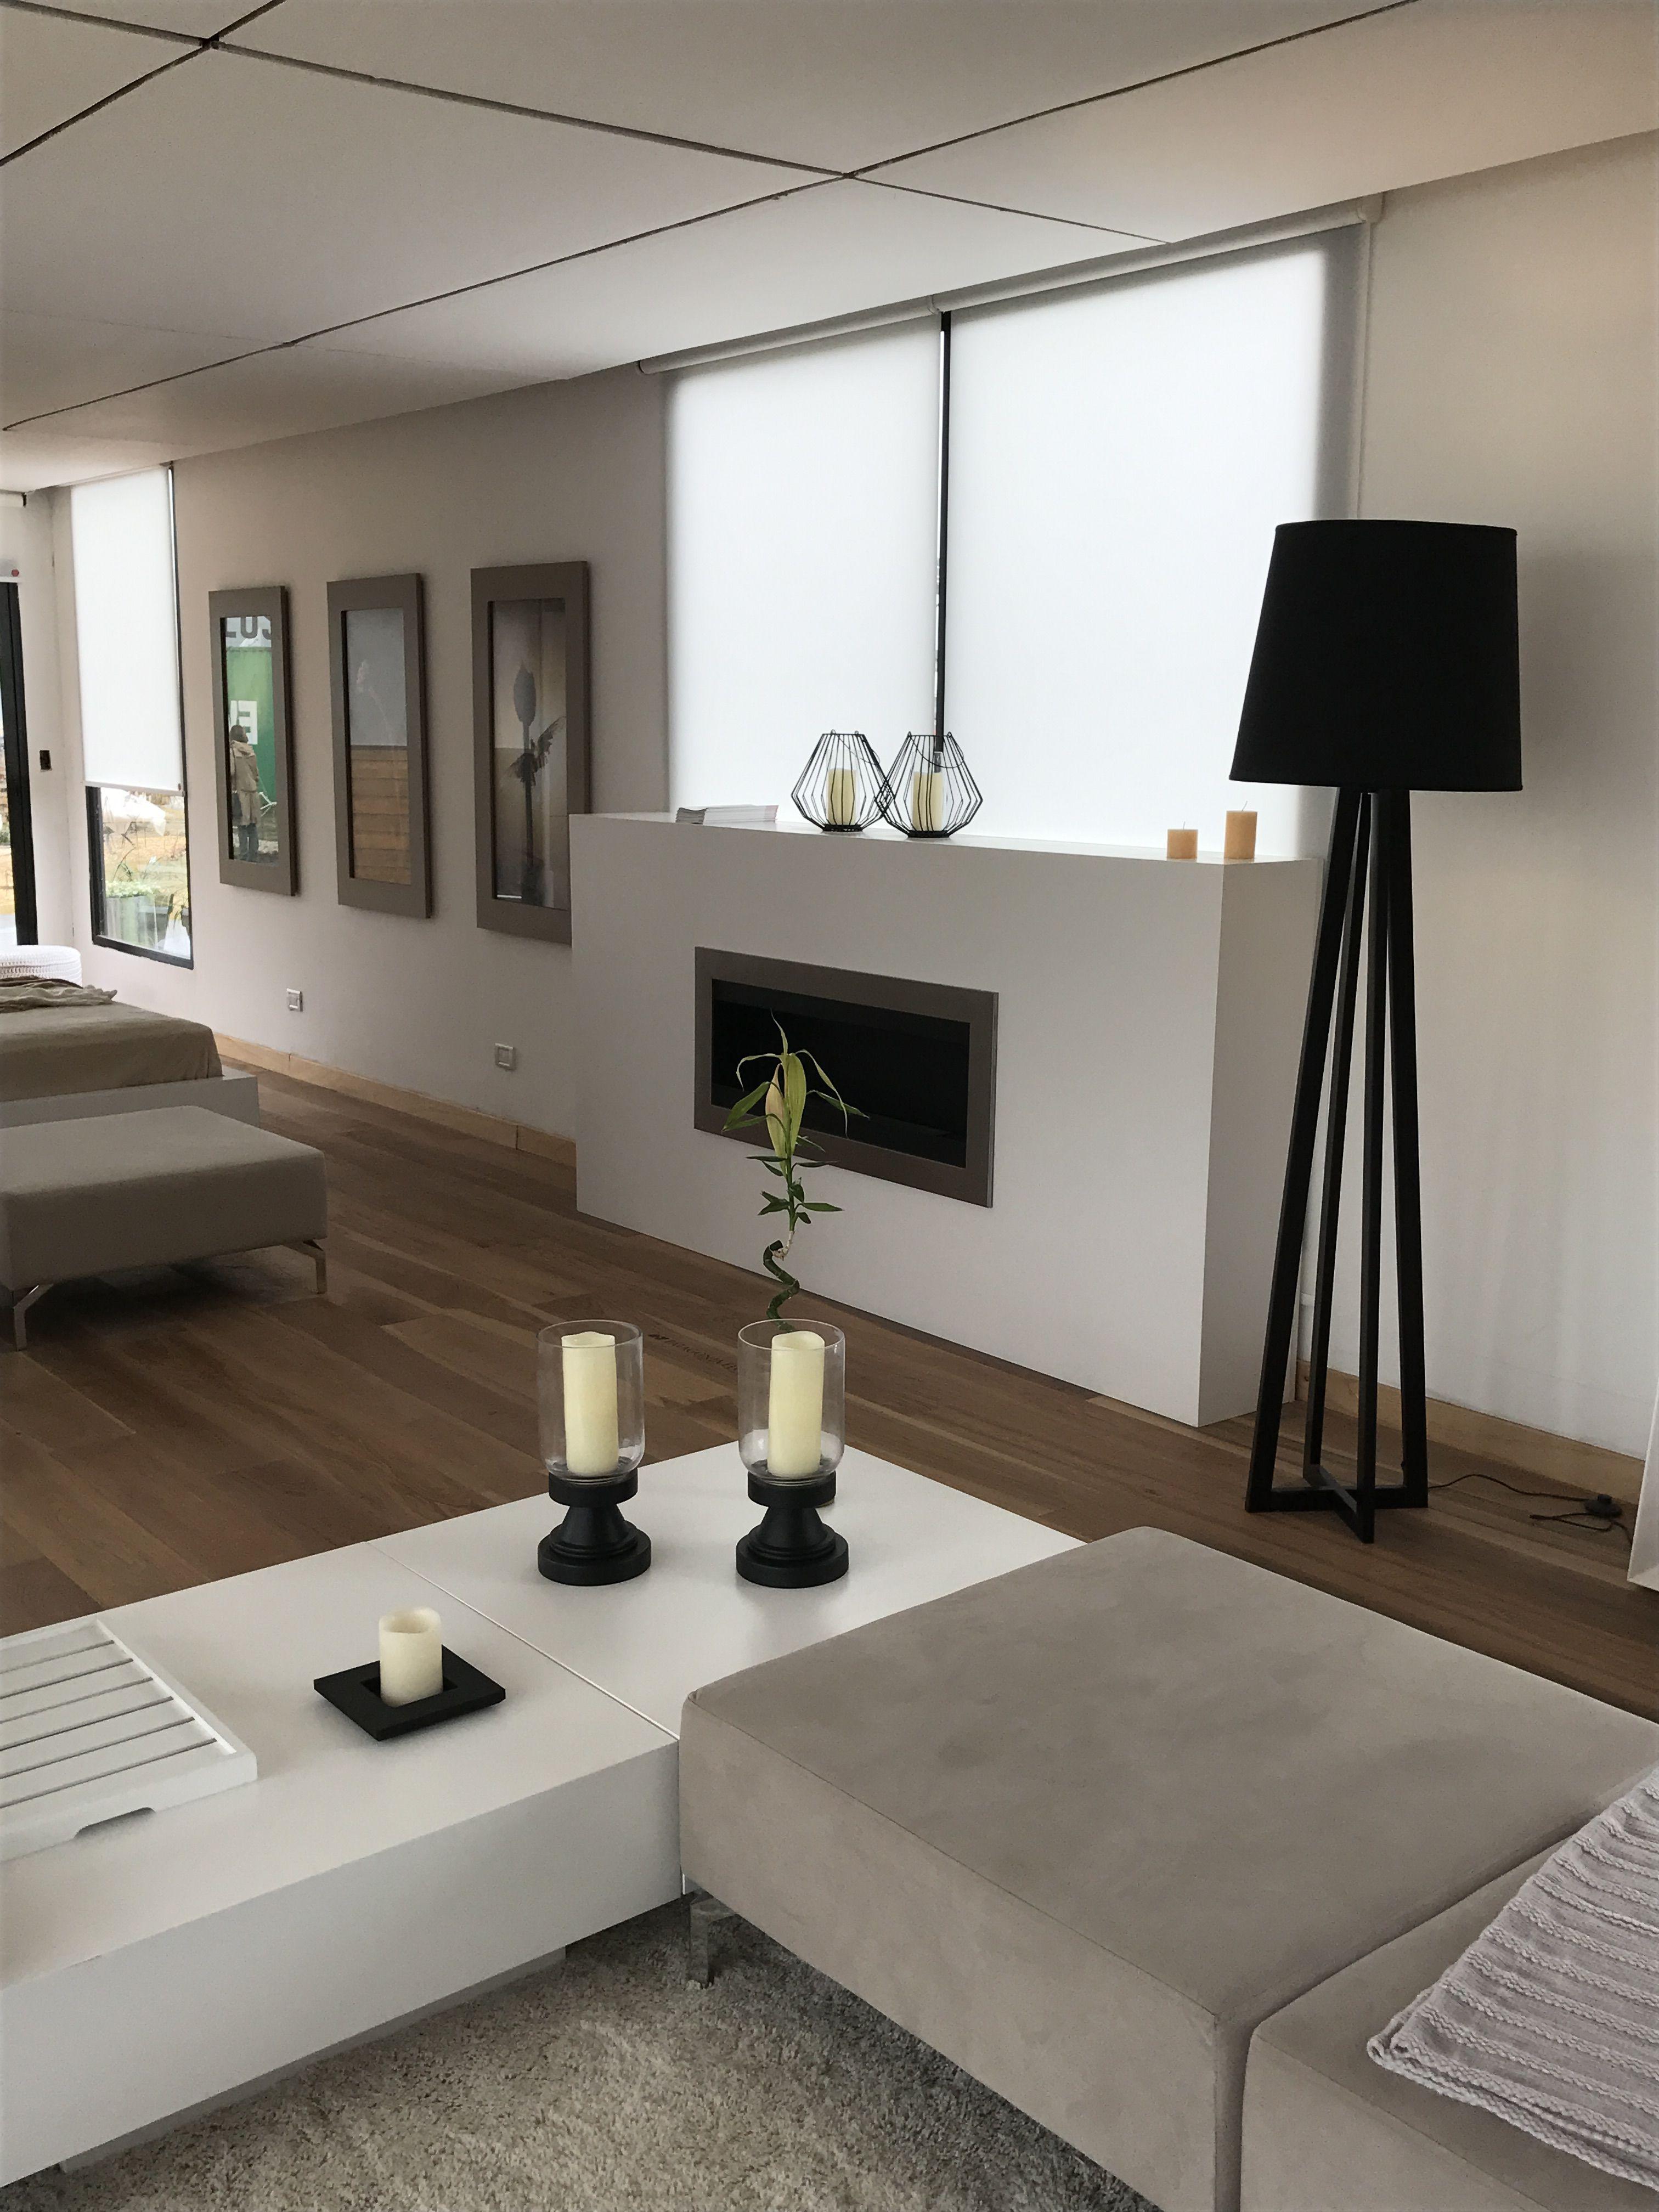 Biohogar en living y dormitorio estilo pilar 2017 for Muebles de dormitorio contemporaneo